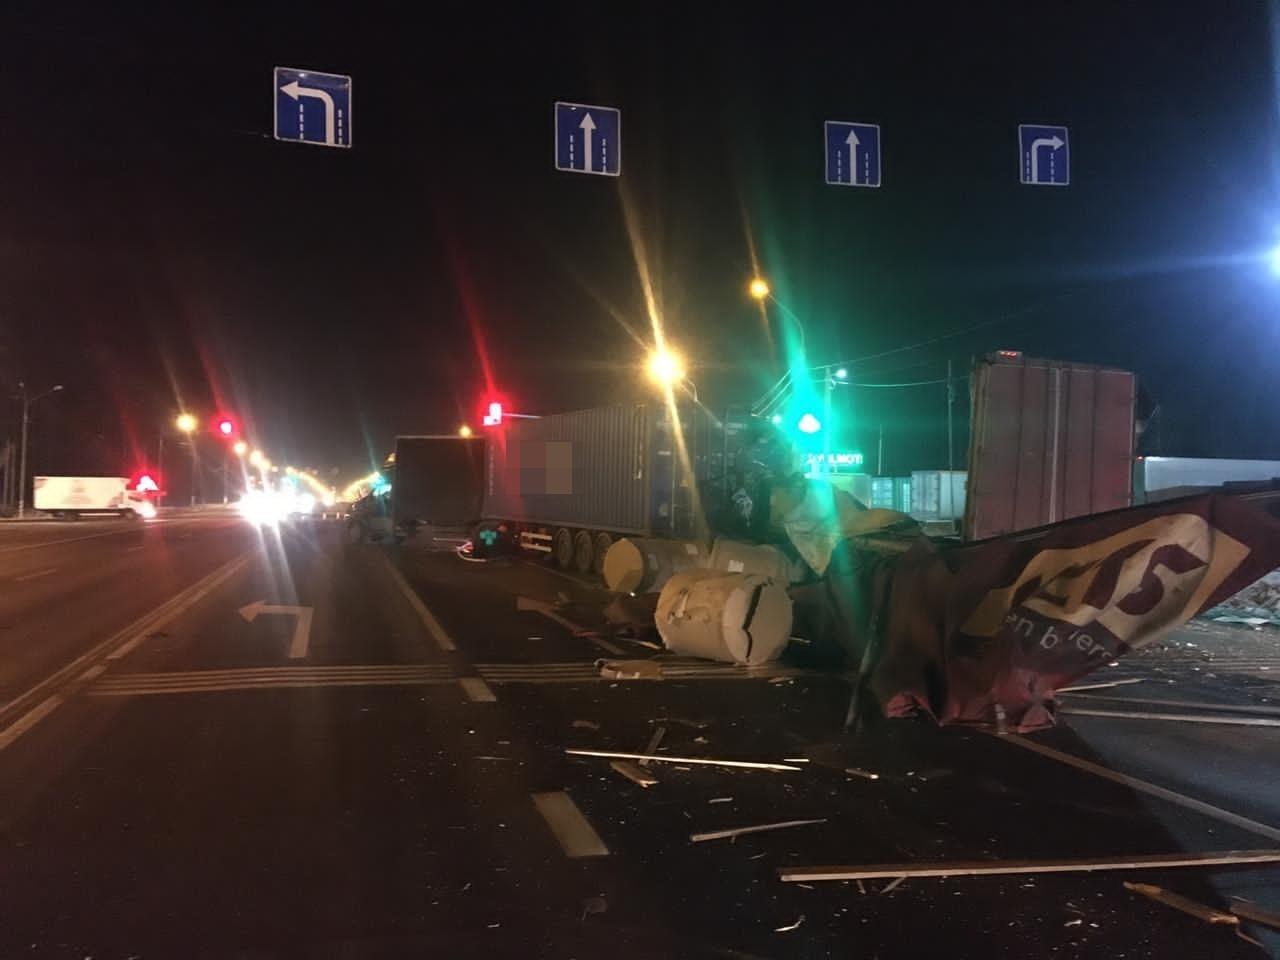 Водитель фуры погиб в аварии на М-10 в Тверской области